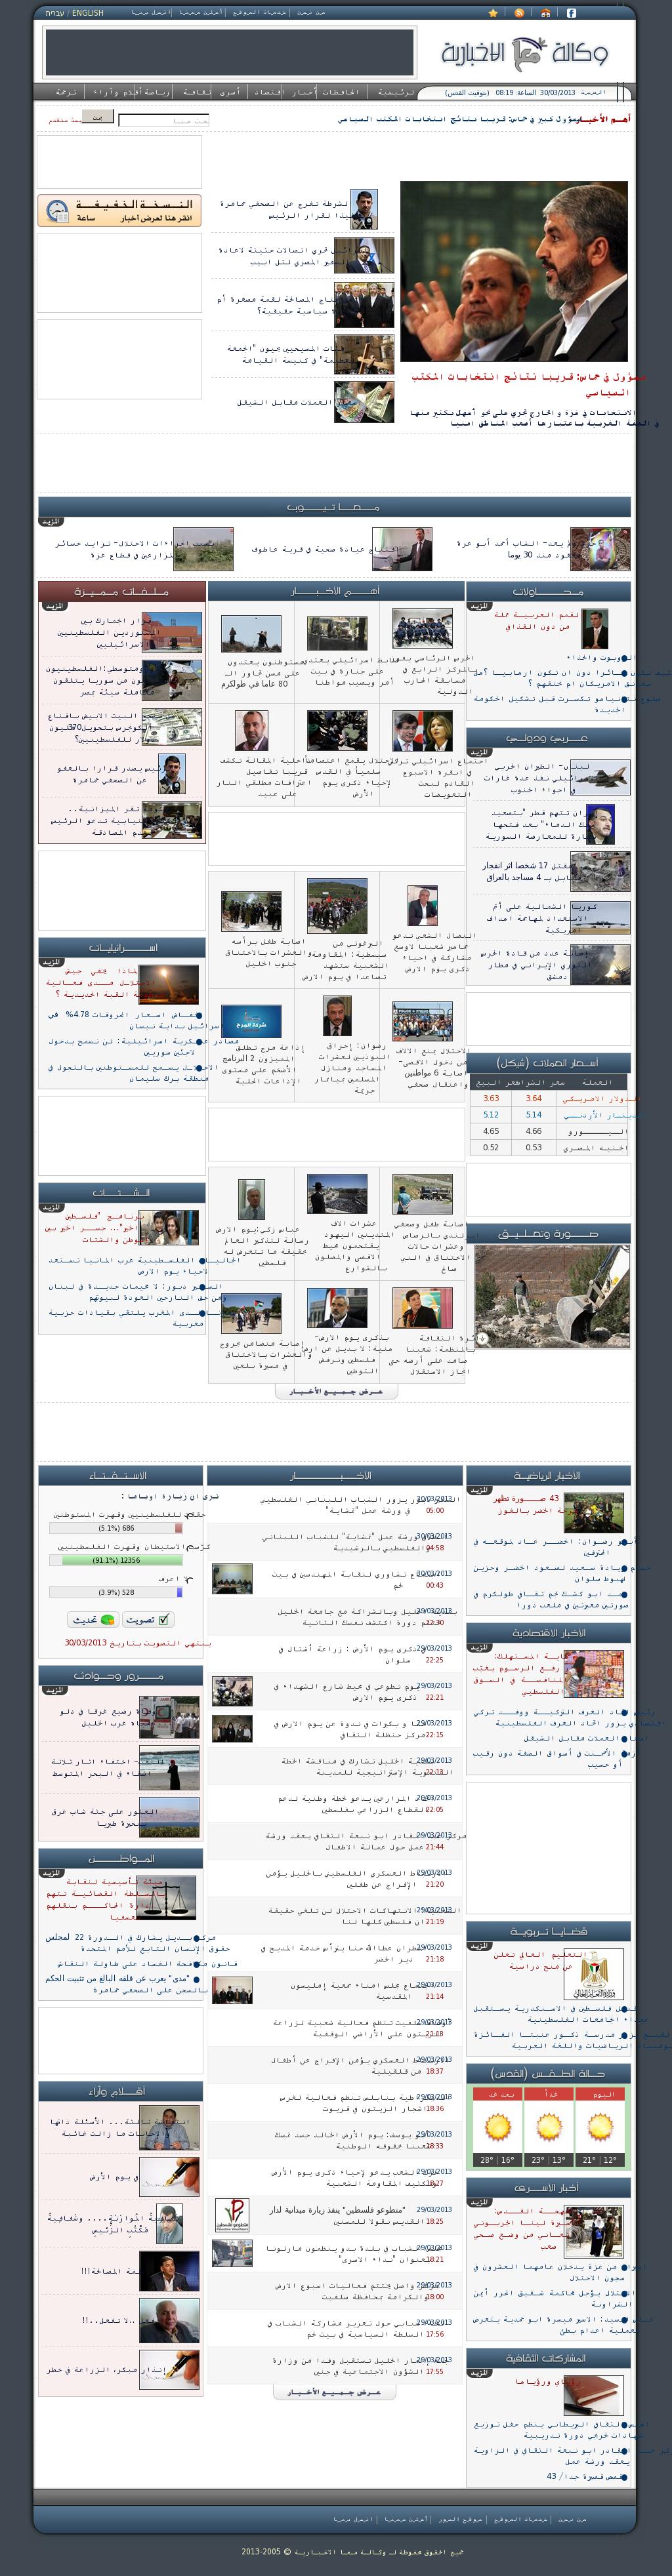 Ma'an News at Saturday March 30, 2013, 5:18 a.m. UTC